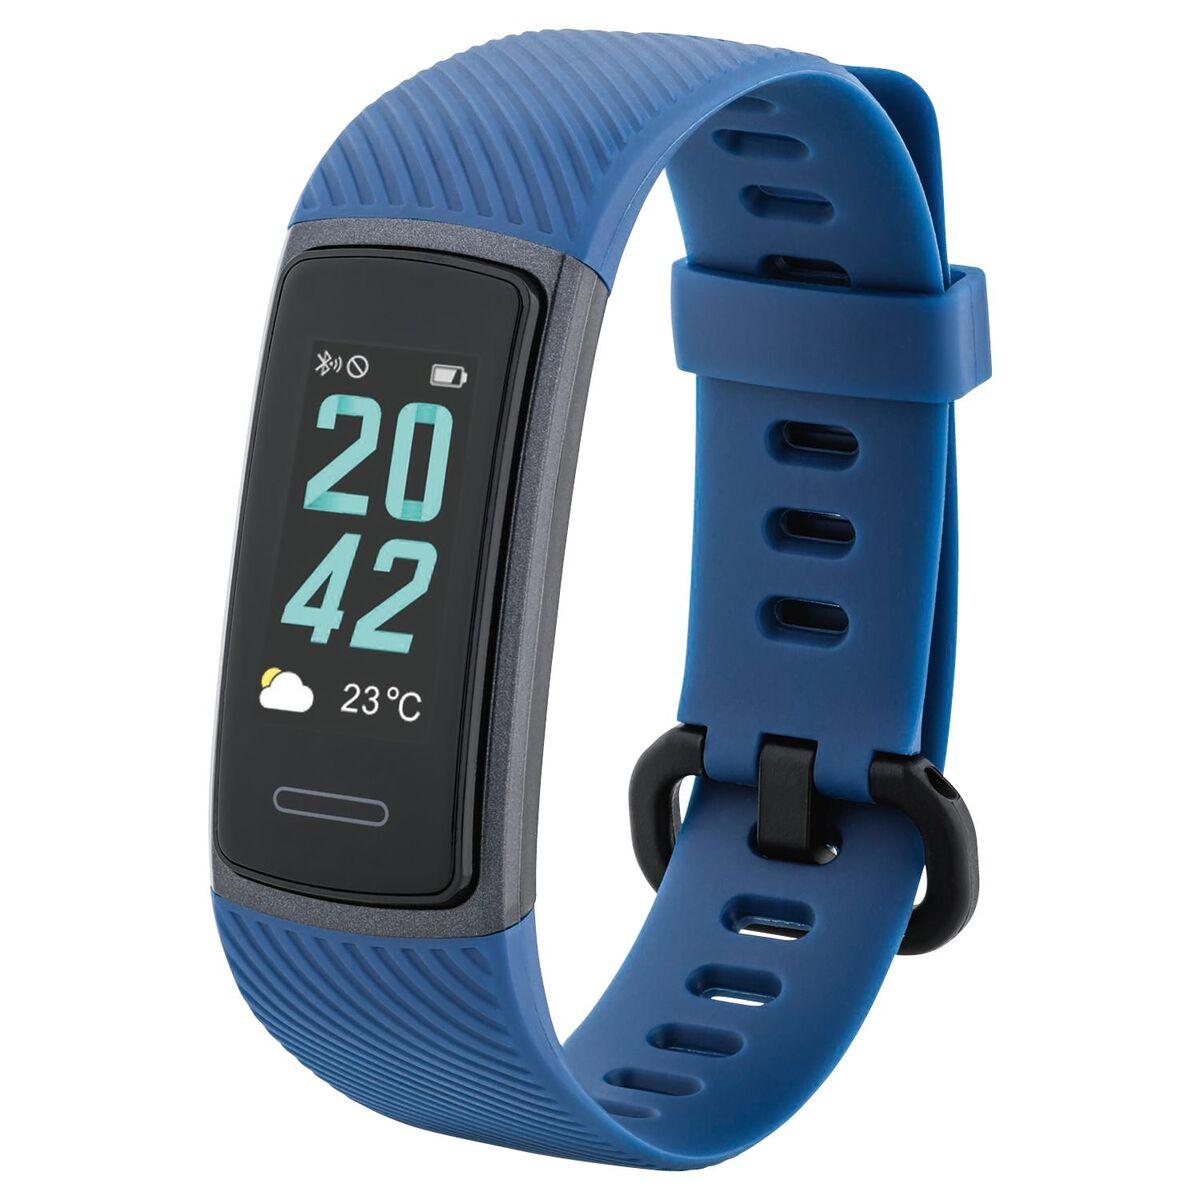 Bild 2 von MEDION® Fitnessarmband MEDION®  Life S3750 mit Herzfrequenzmesser